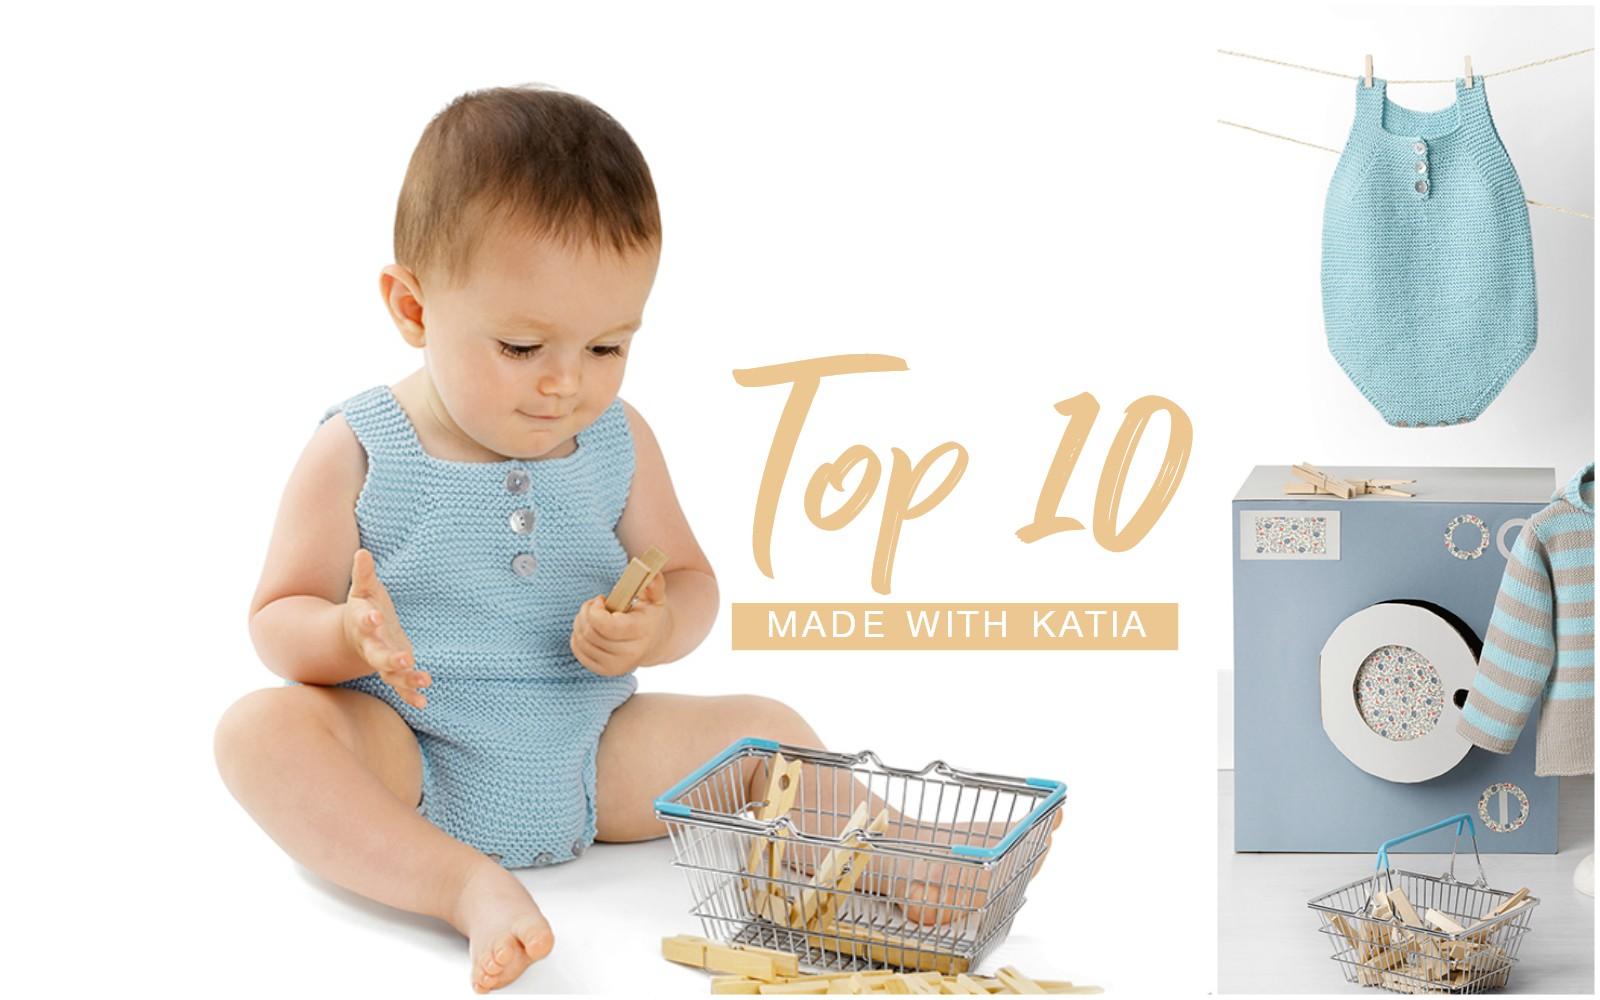 Top 10 prendas de punto y ganchillo 2017 ¿Quieres saber cuáles han ...